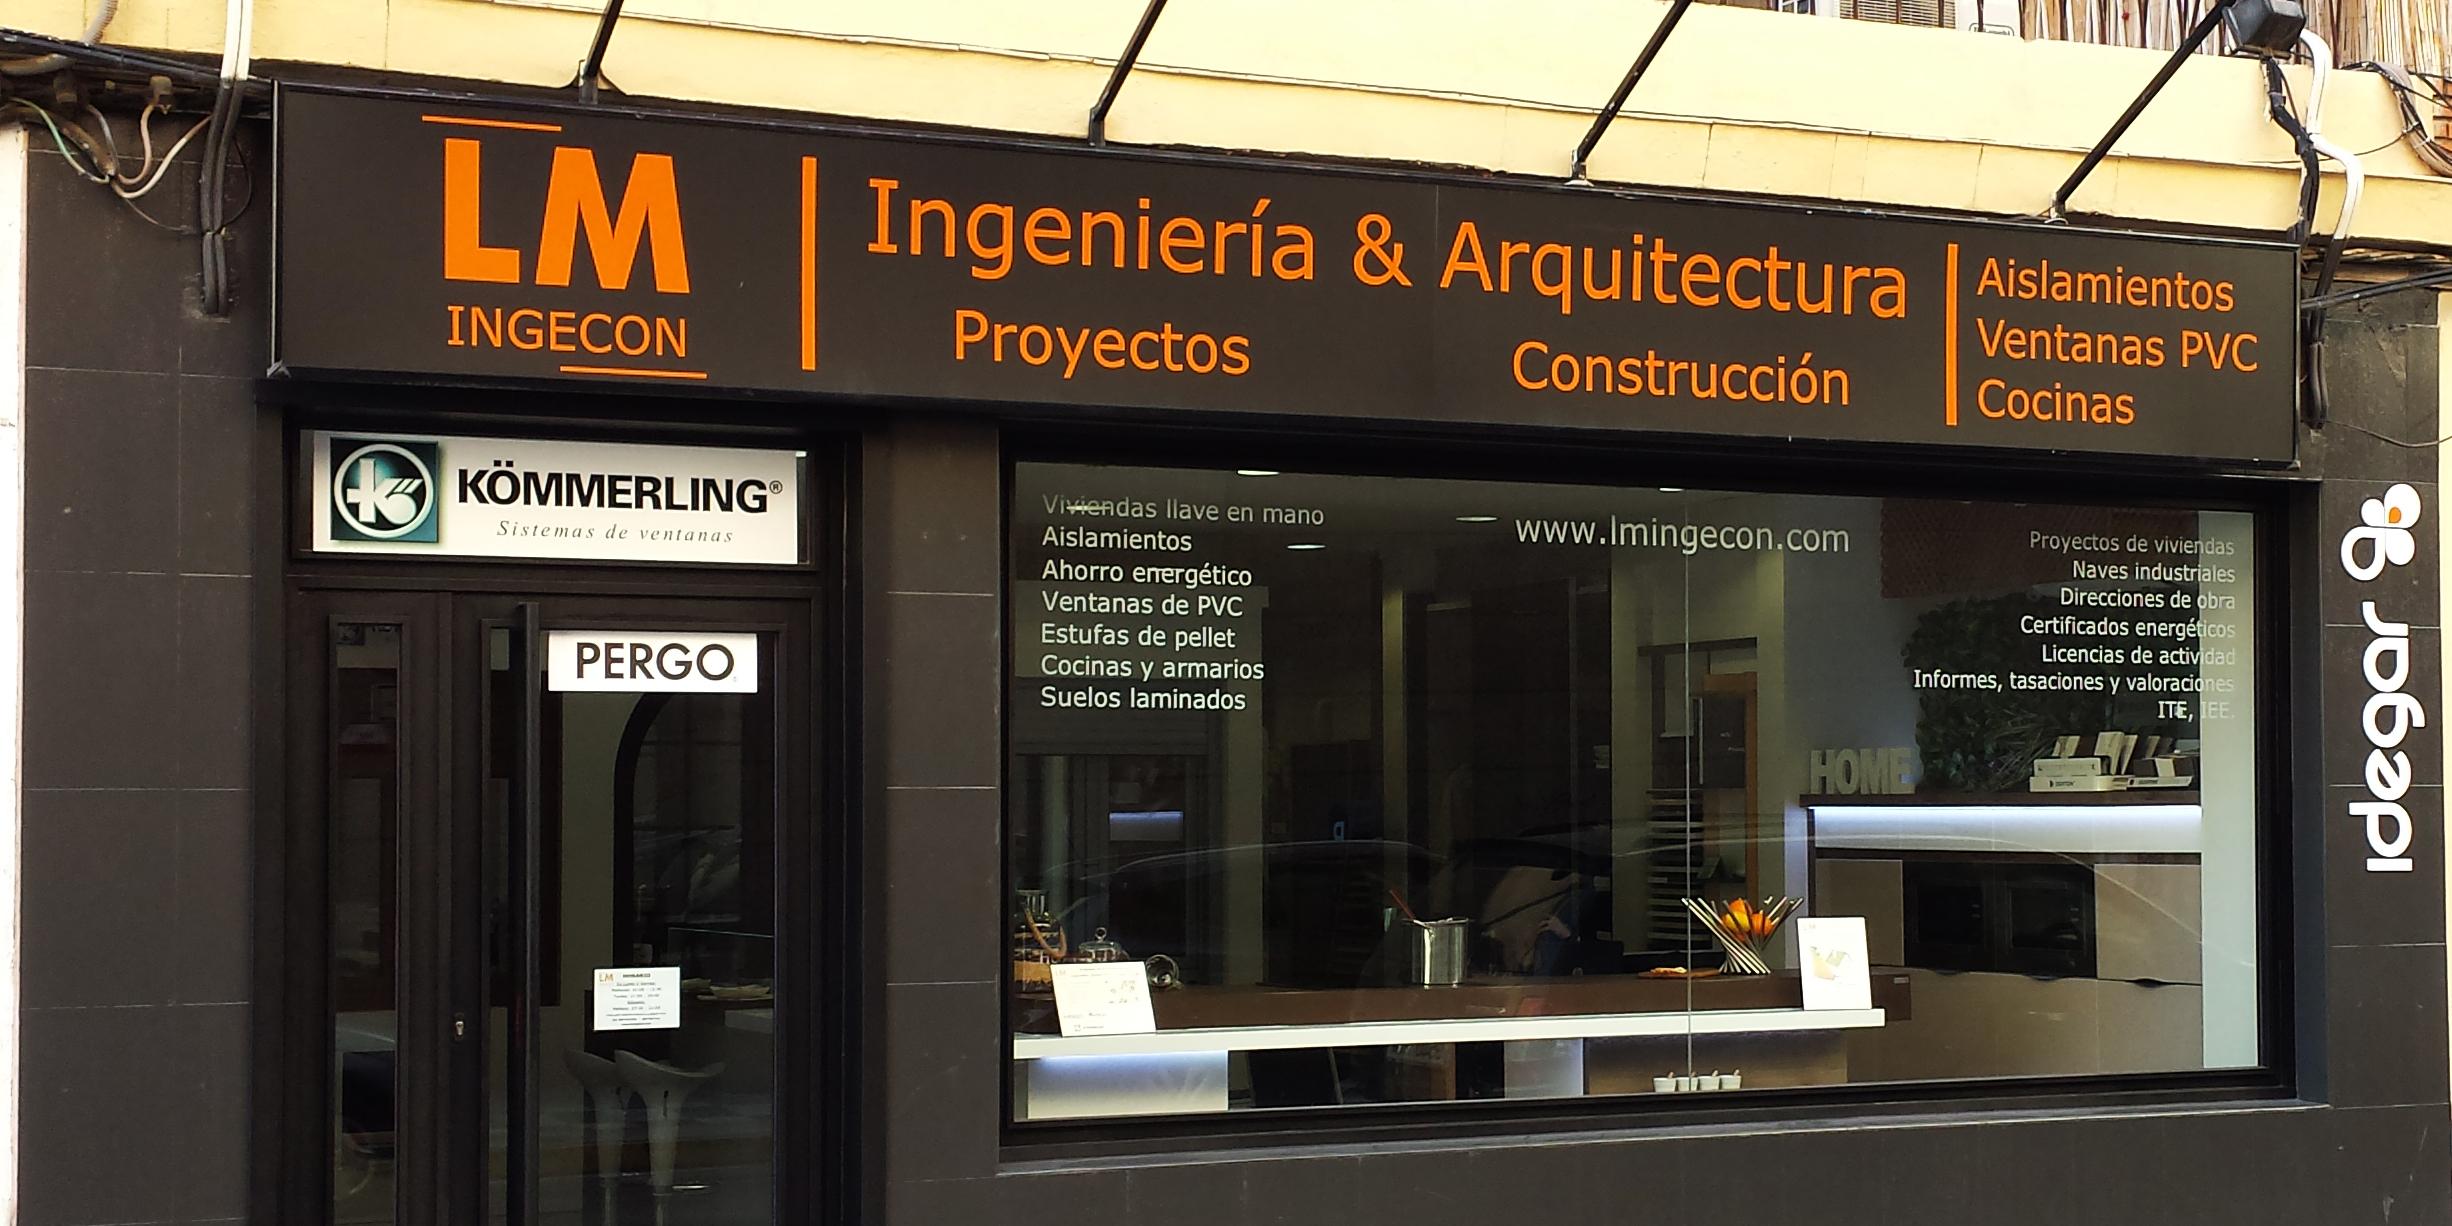 Fachada LM INGECON Albacete